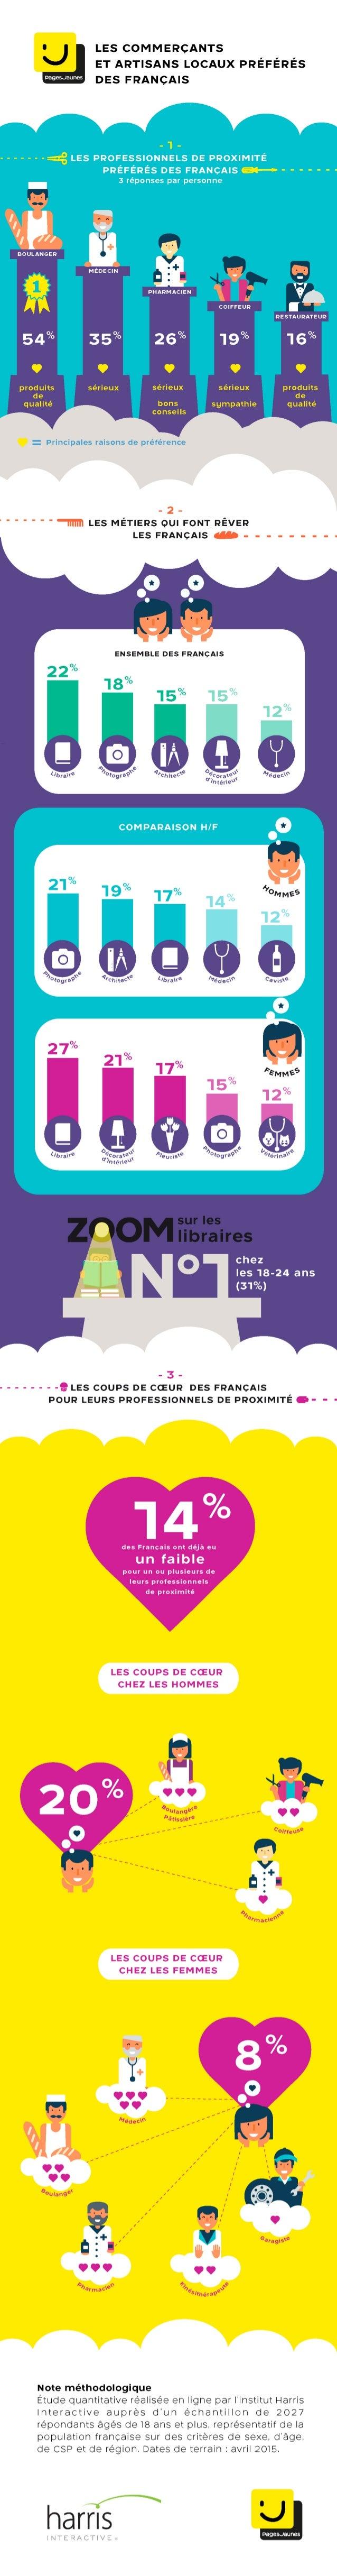 Infographie pros-préférés francais